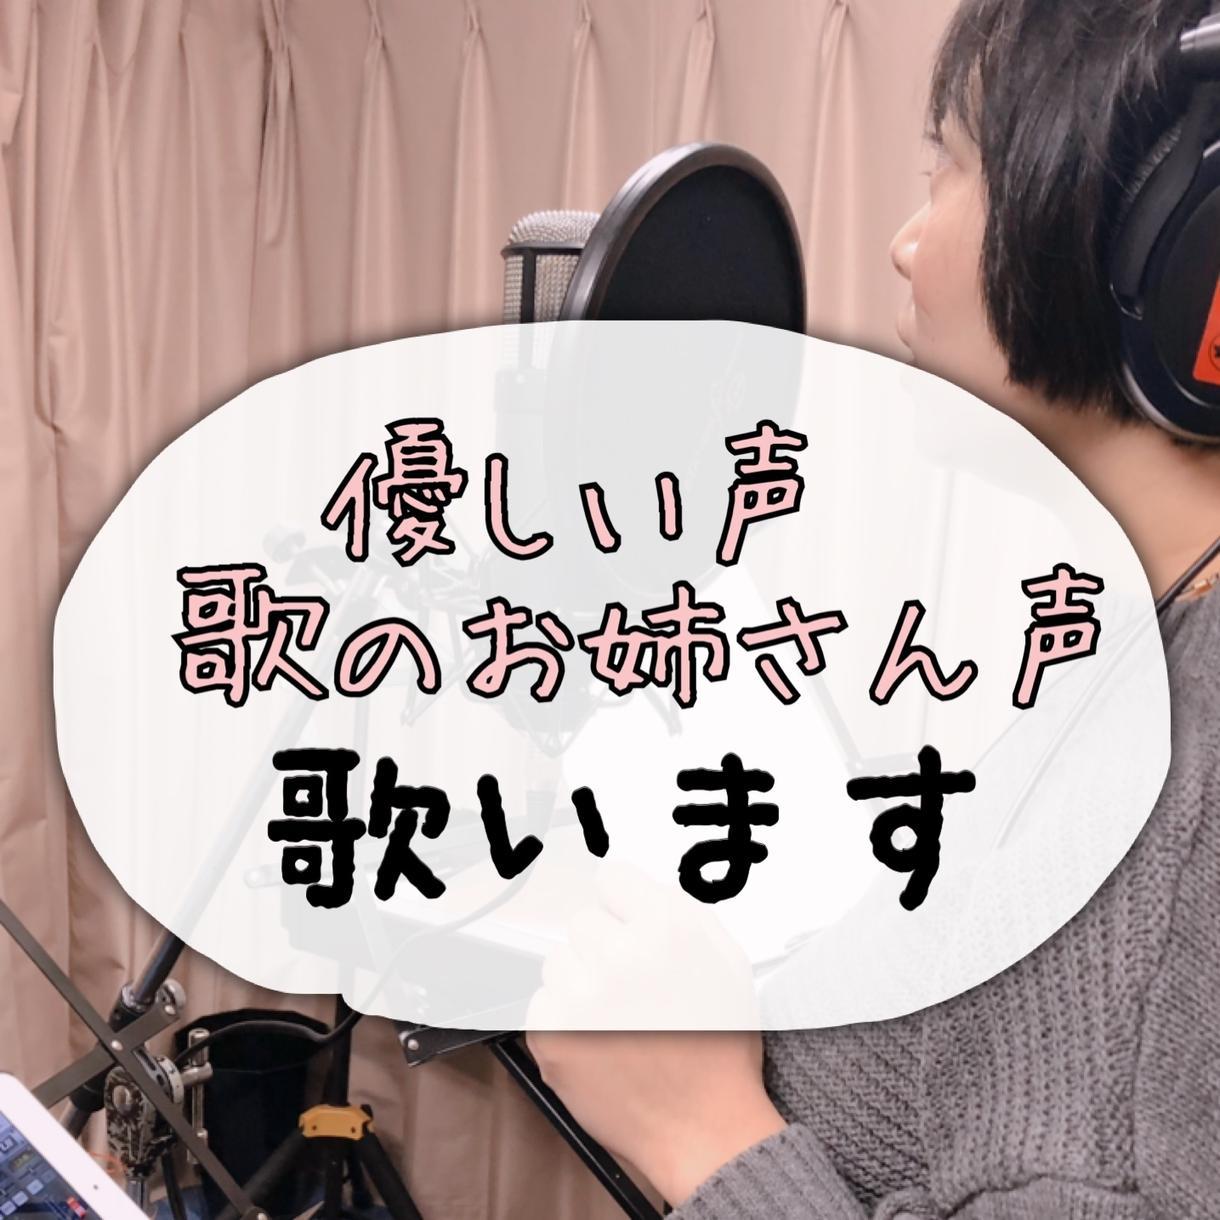 仮歌、本歌に!優しい声や歌のお姉さん声で歌います 手嶌葵、uruのような柔らかい声、歌のお姉さん調など可能